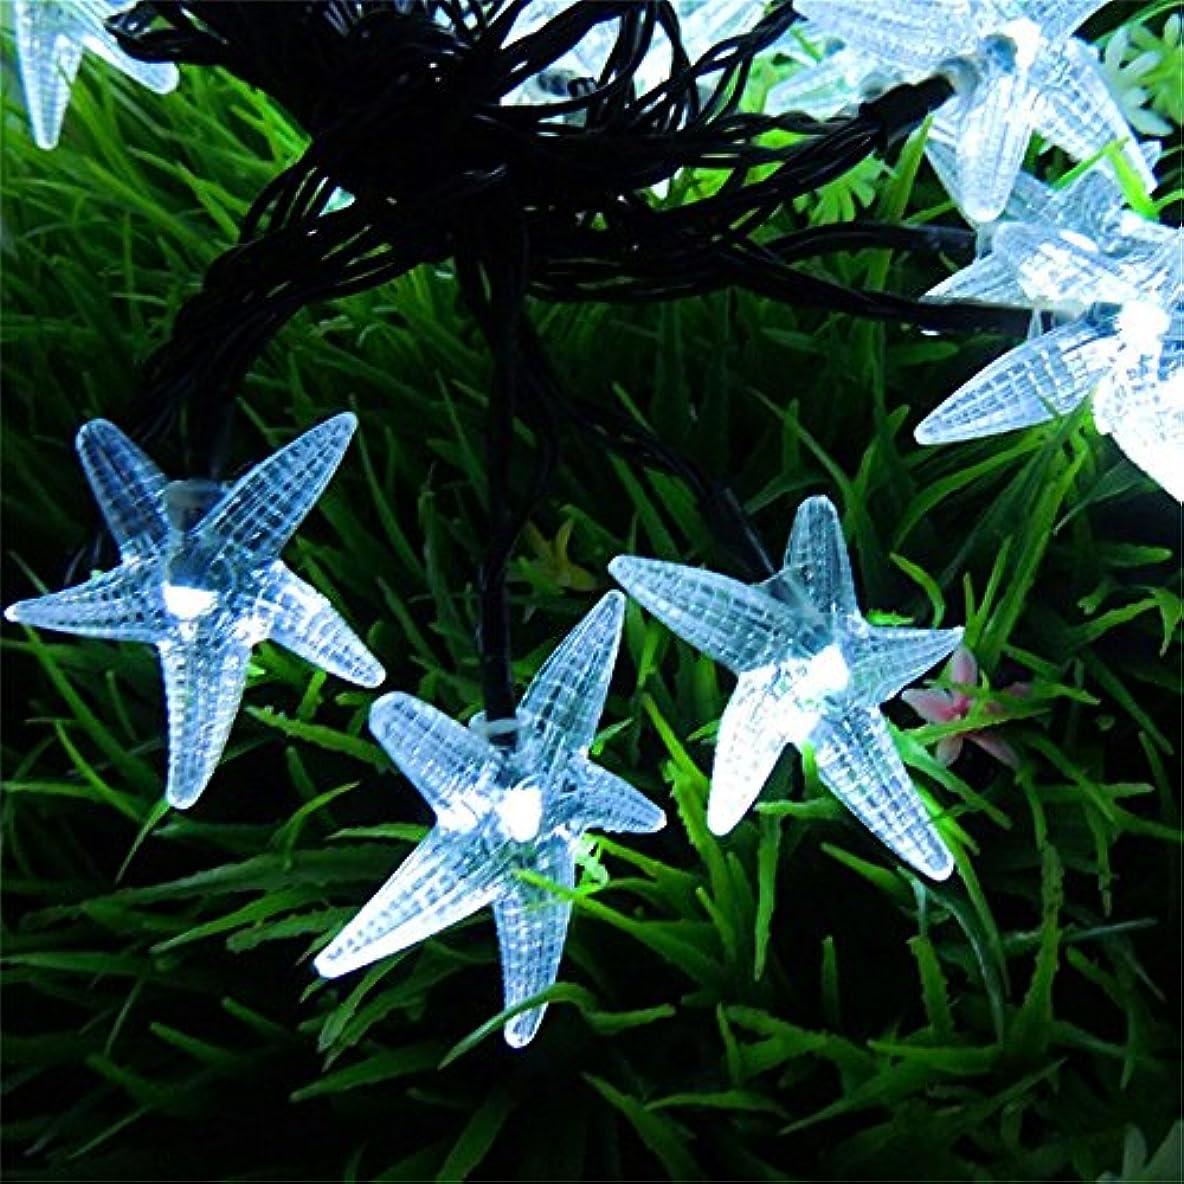 興奮犯罪シンカンソーラーストリングライト、SIMPLE DO LEDライト イルミネーション クリスマス パーティー 防水 省エネ 環境に優しい 使いやすい カラフル(ホワイト)